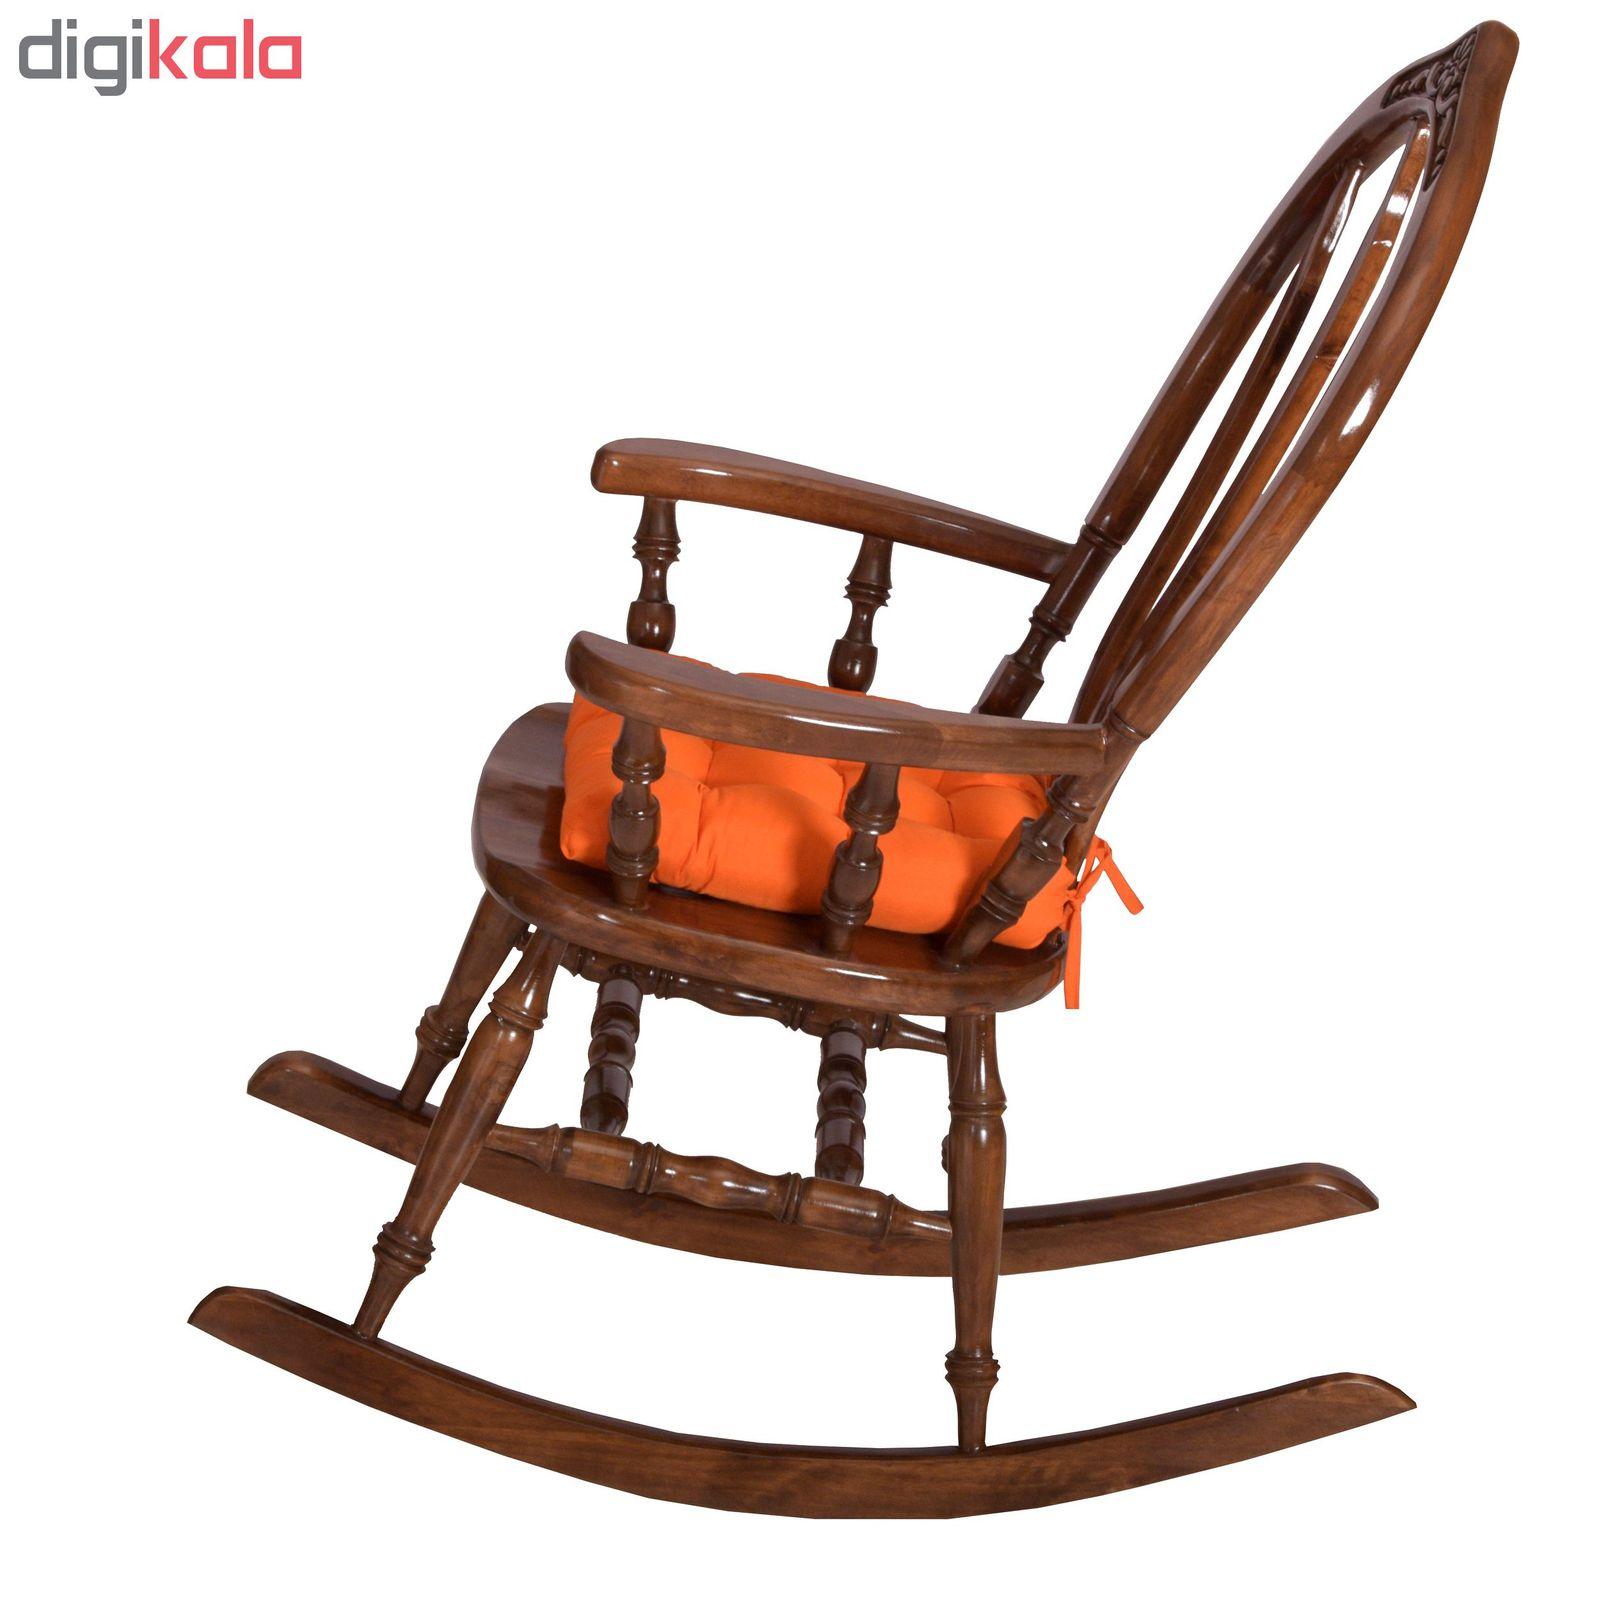 صندلی راک لمکده مدل ترنج main 1 3